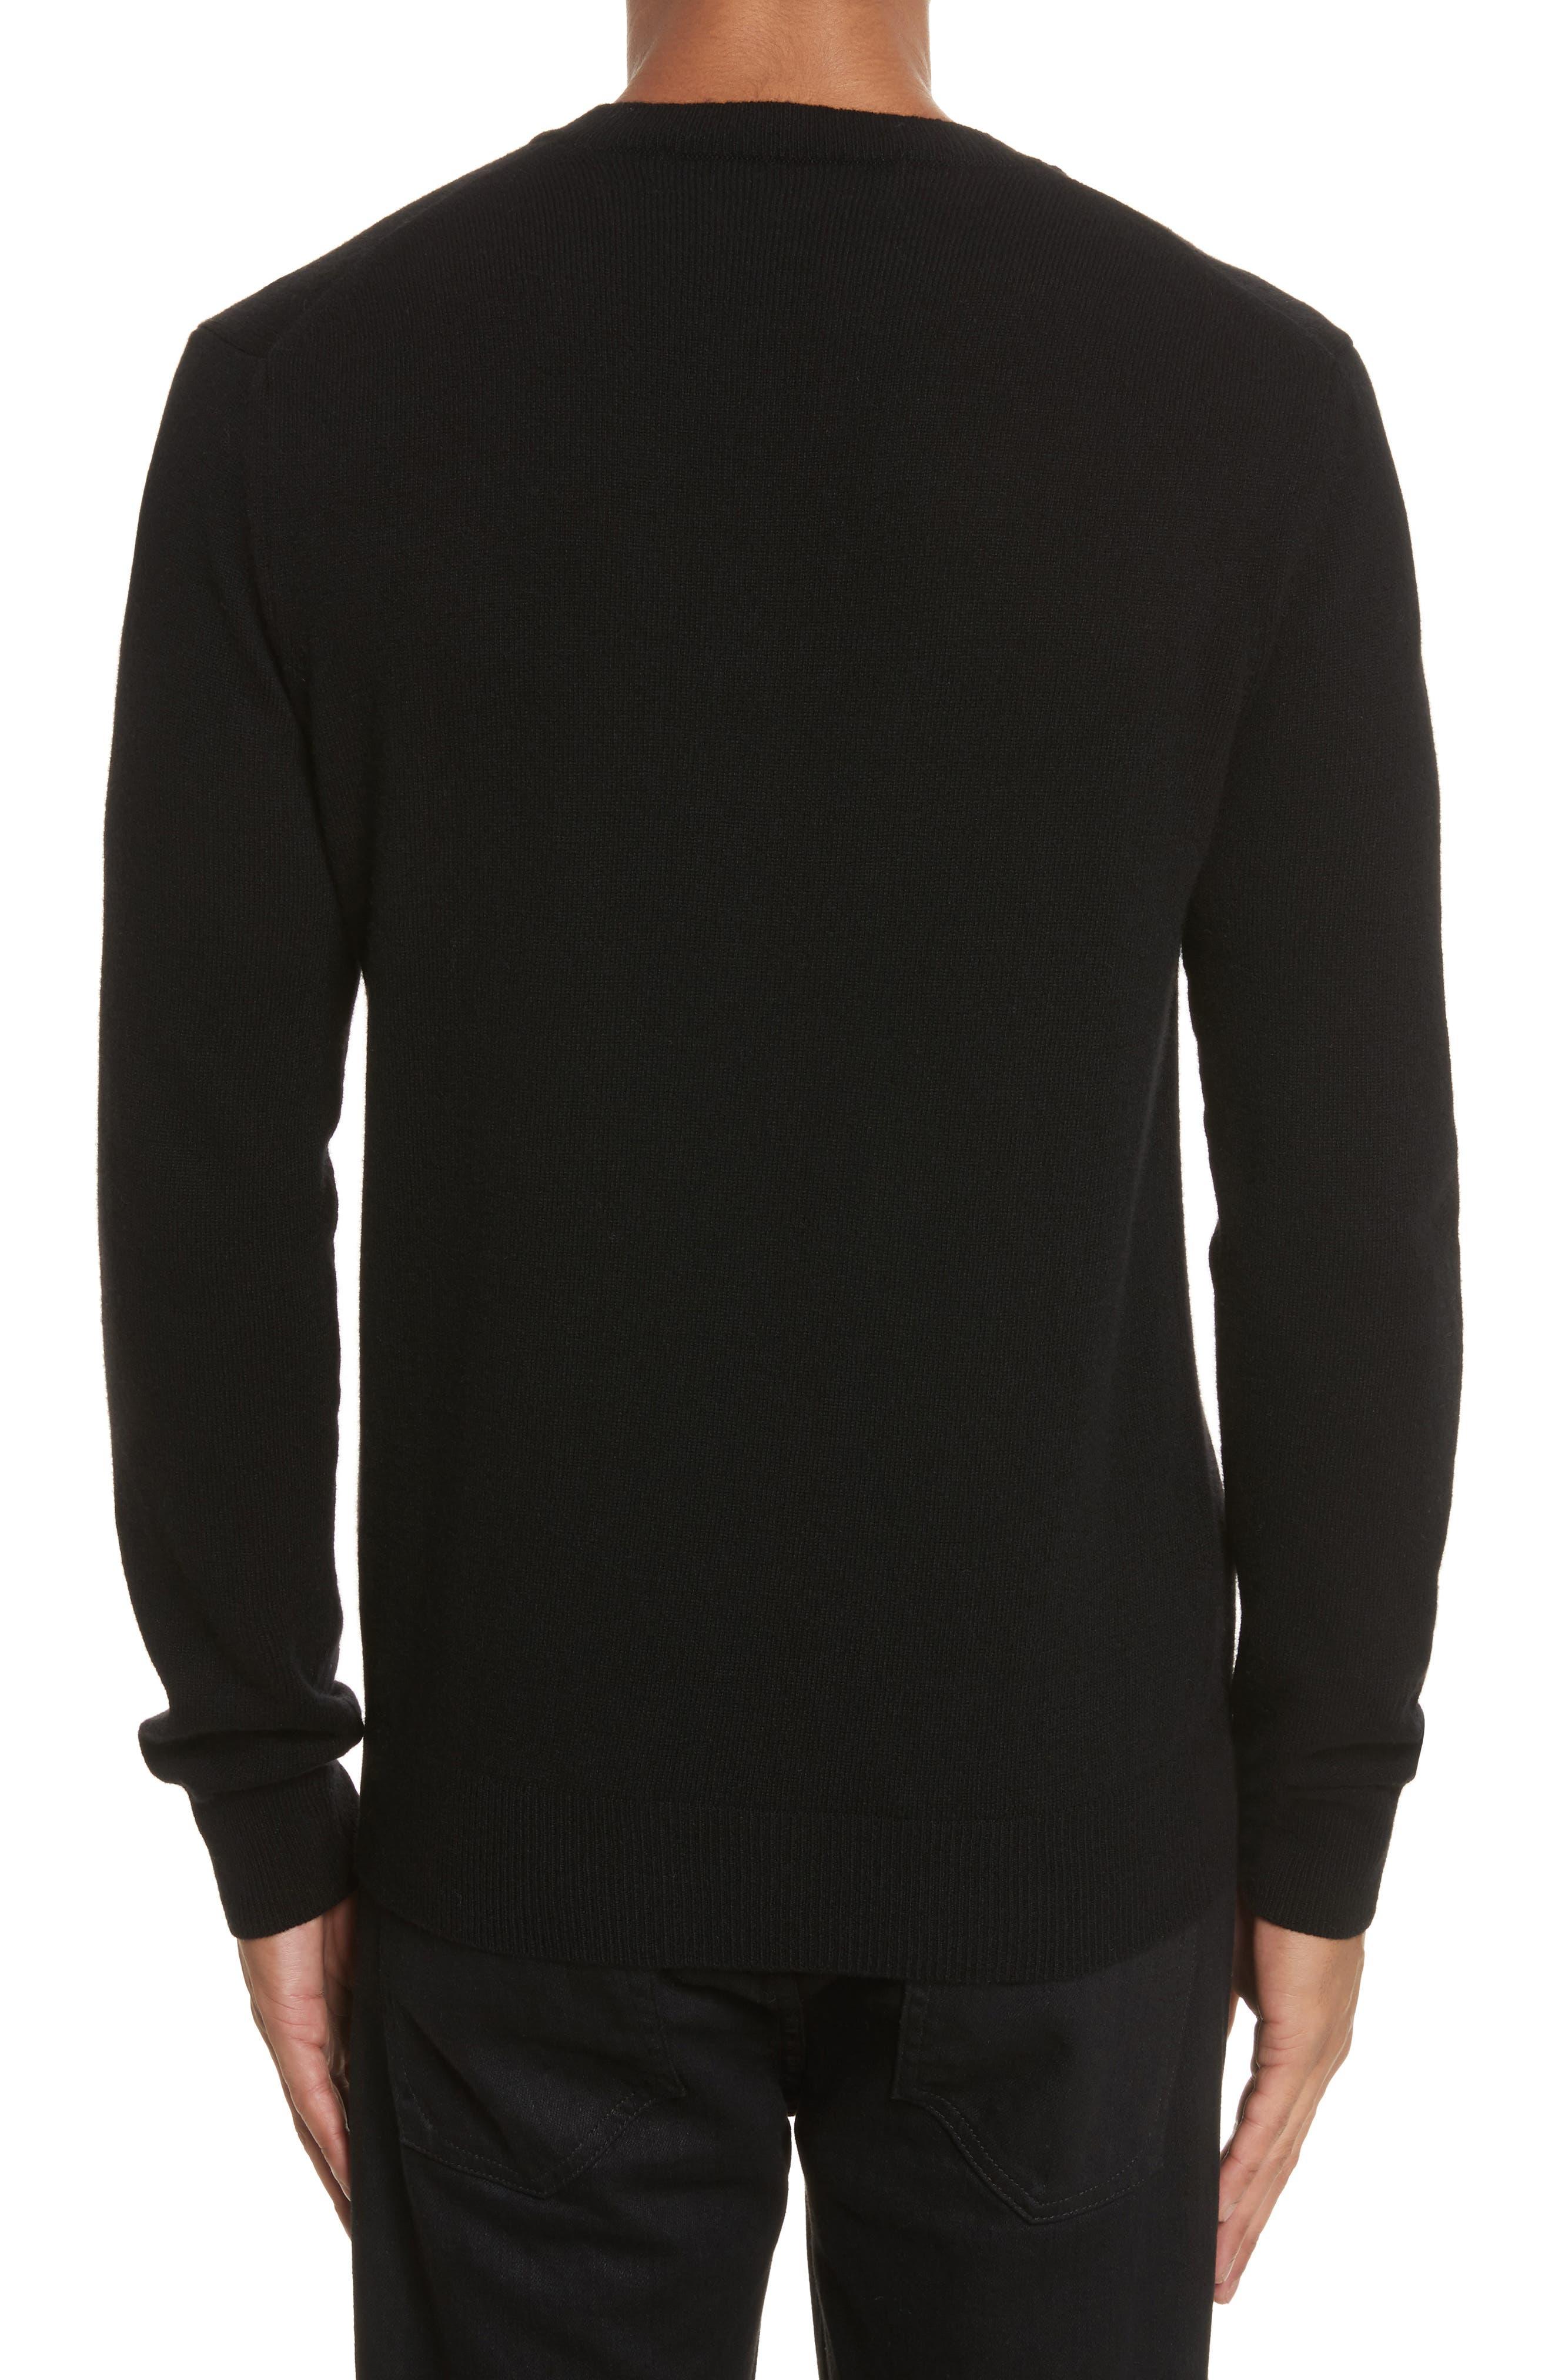 White Heart Wool V-Neck Sweater,                             Alternate thumbnail 2, color,                             BLACK